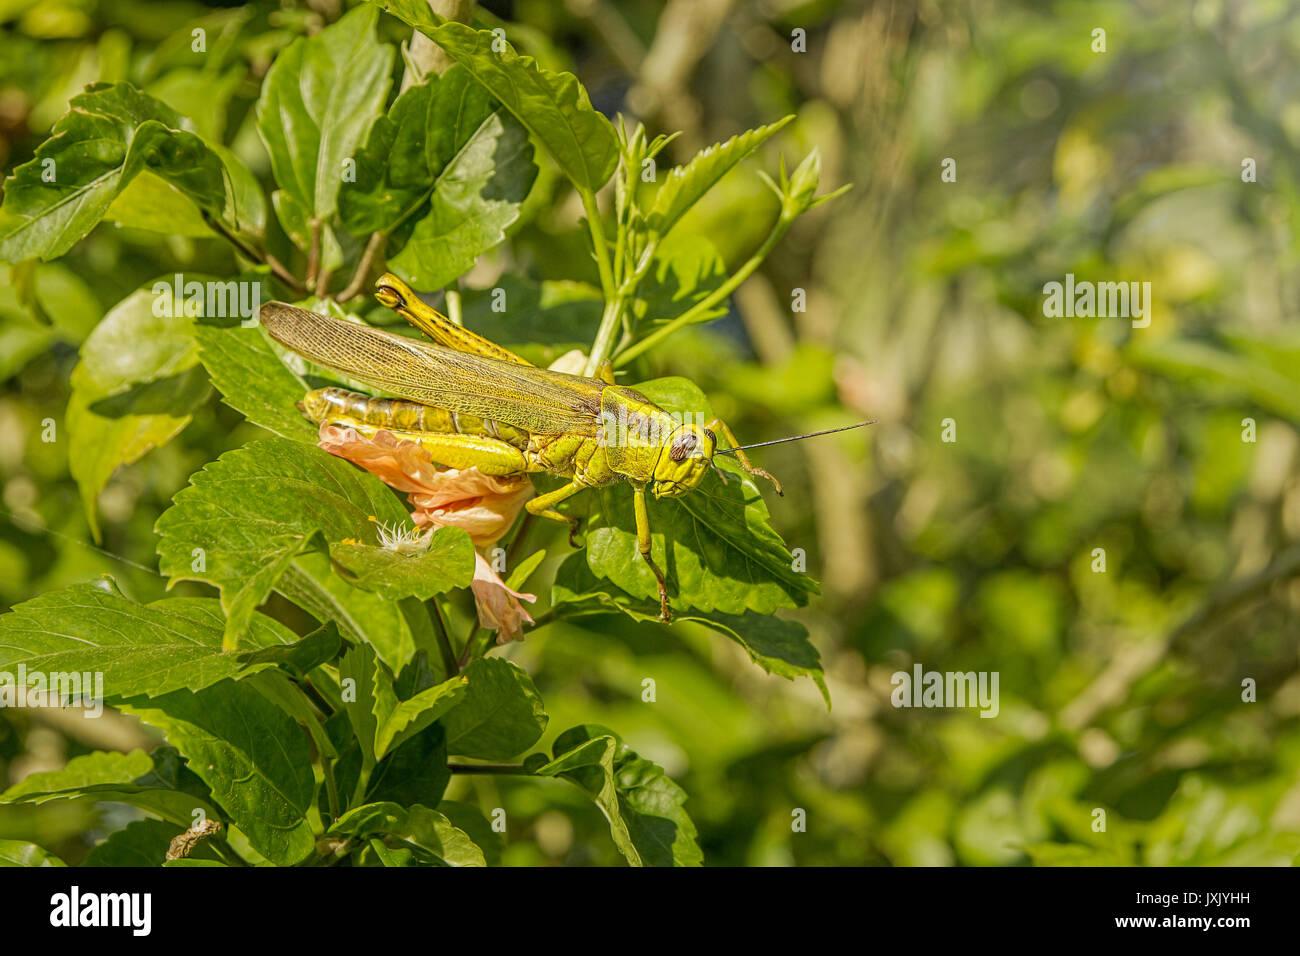 Grüne Heuschrecke Mischung in den Blättern Stockfoto